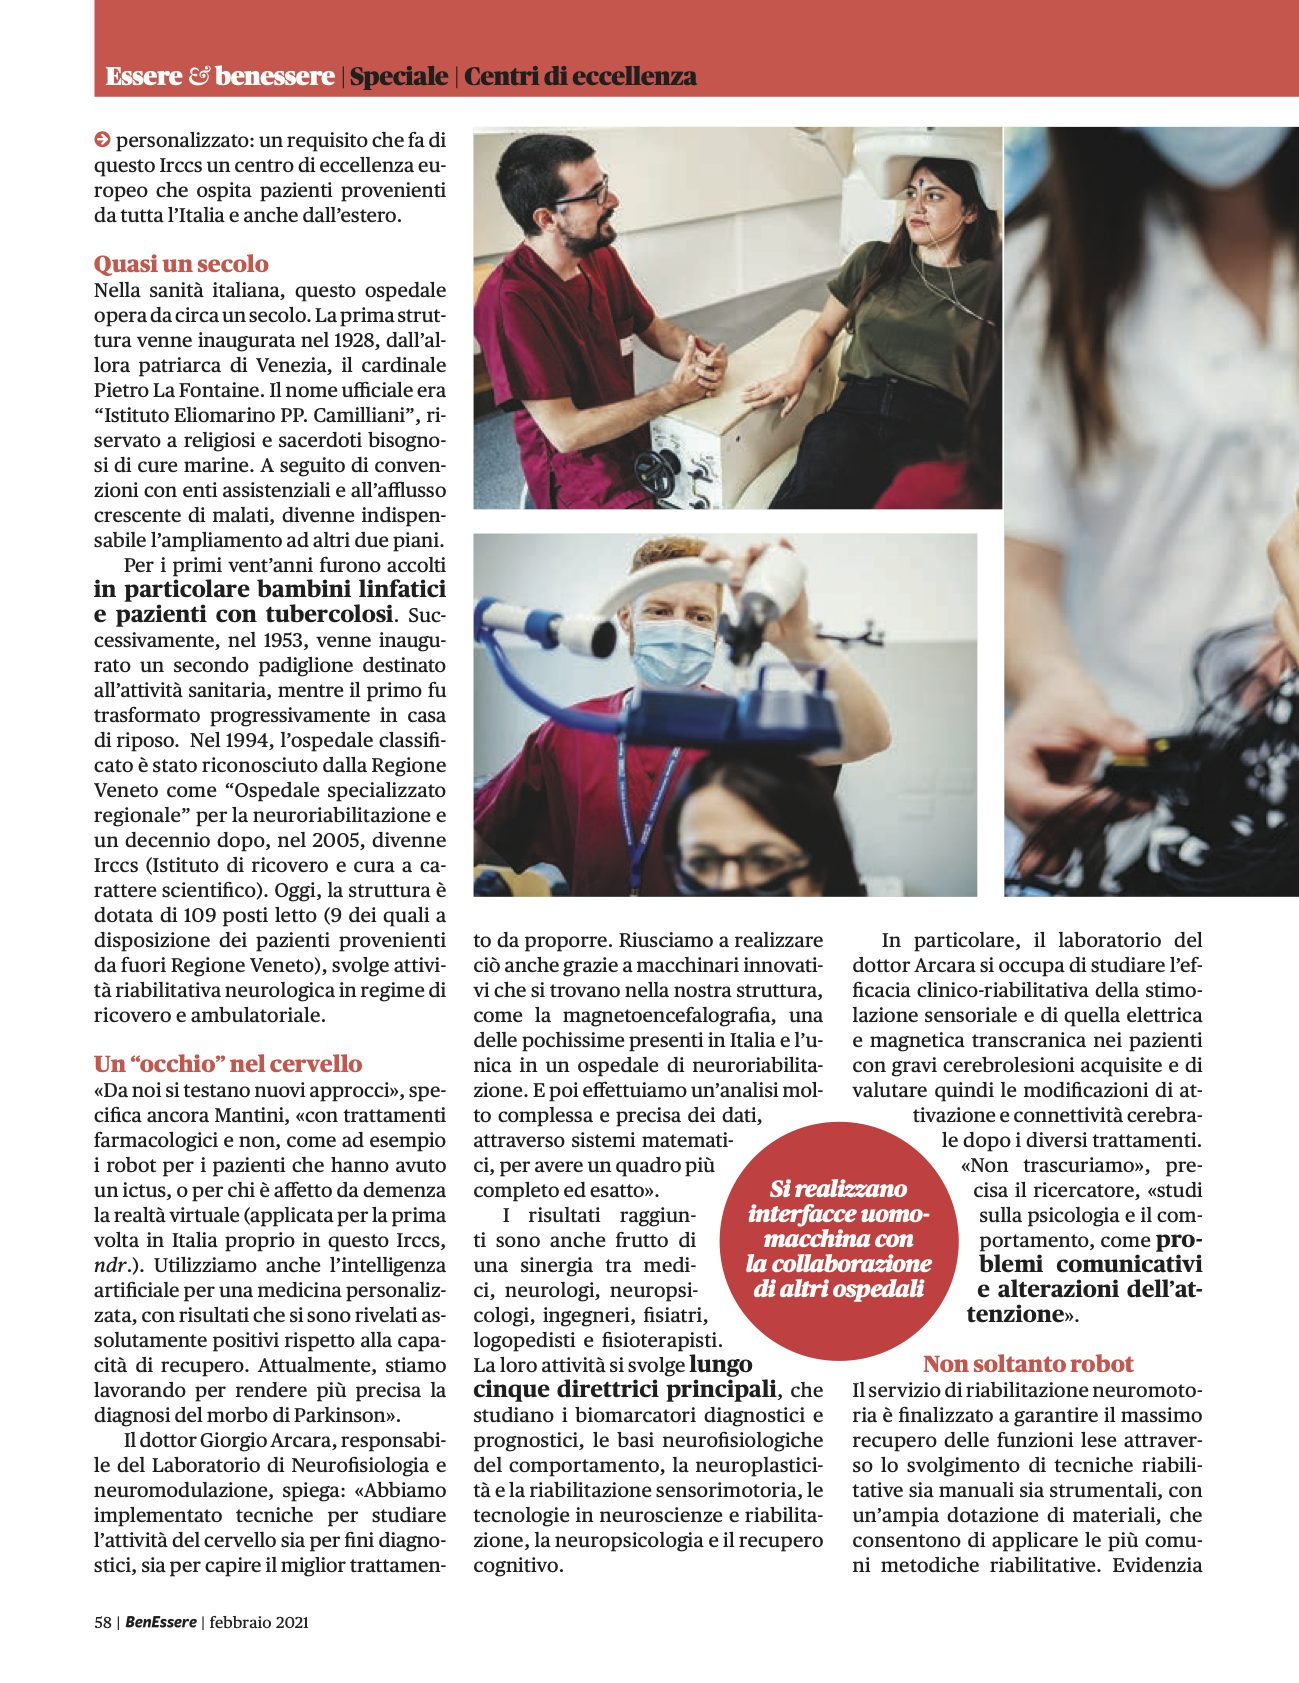 San Camillo news